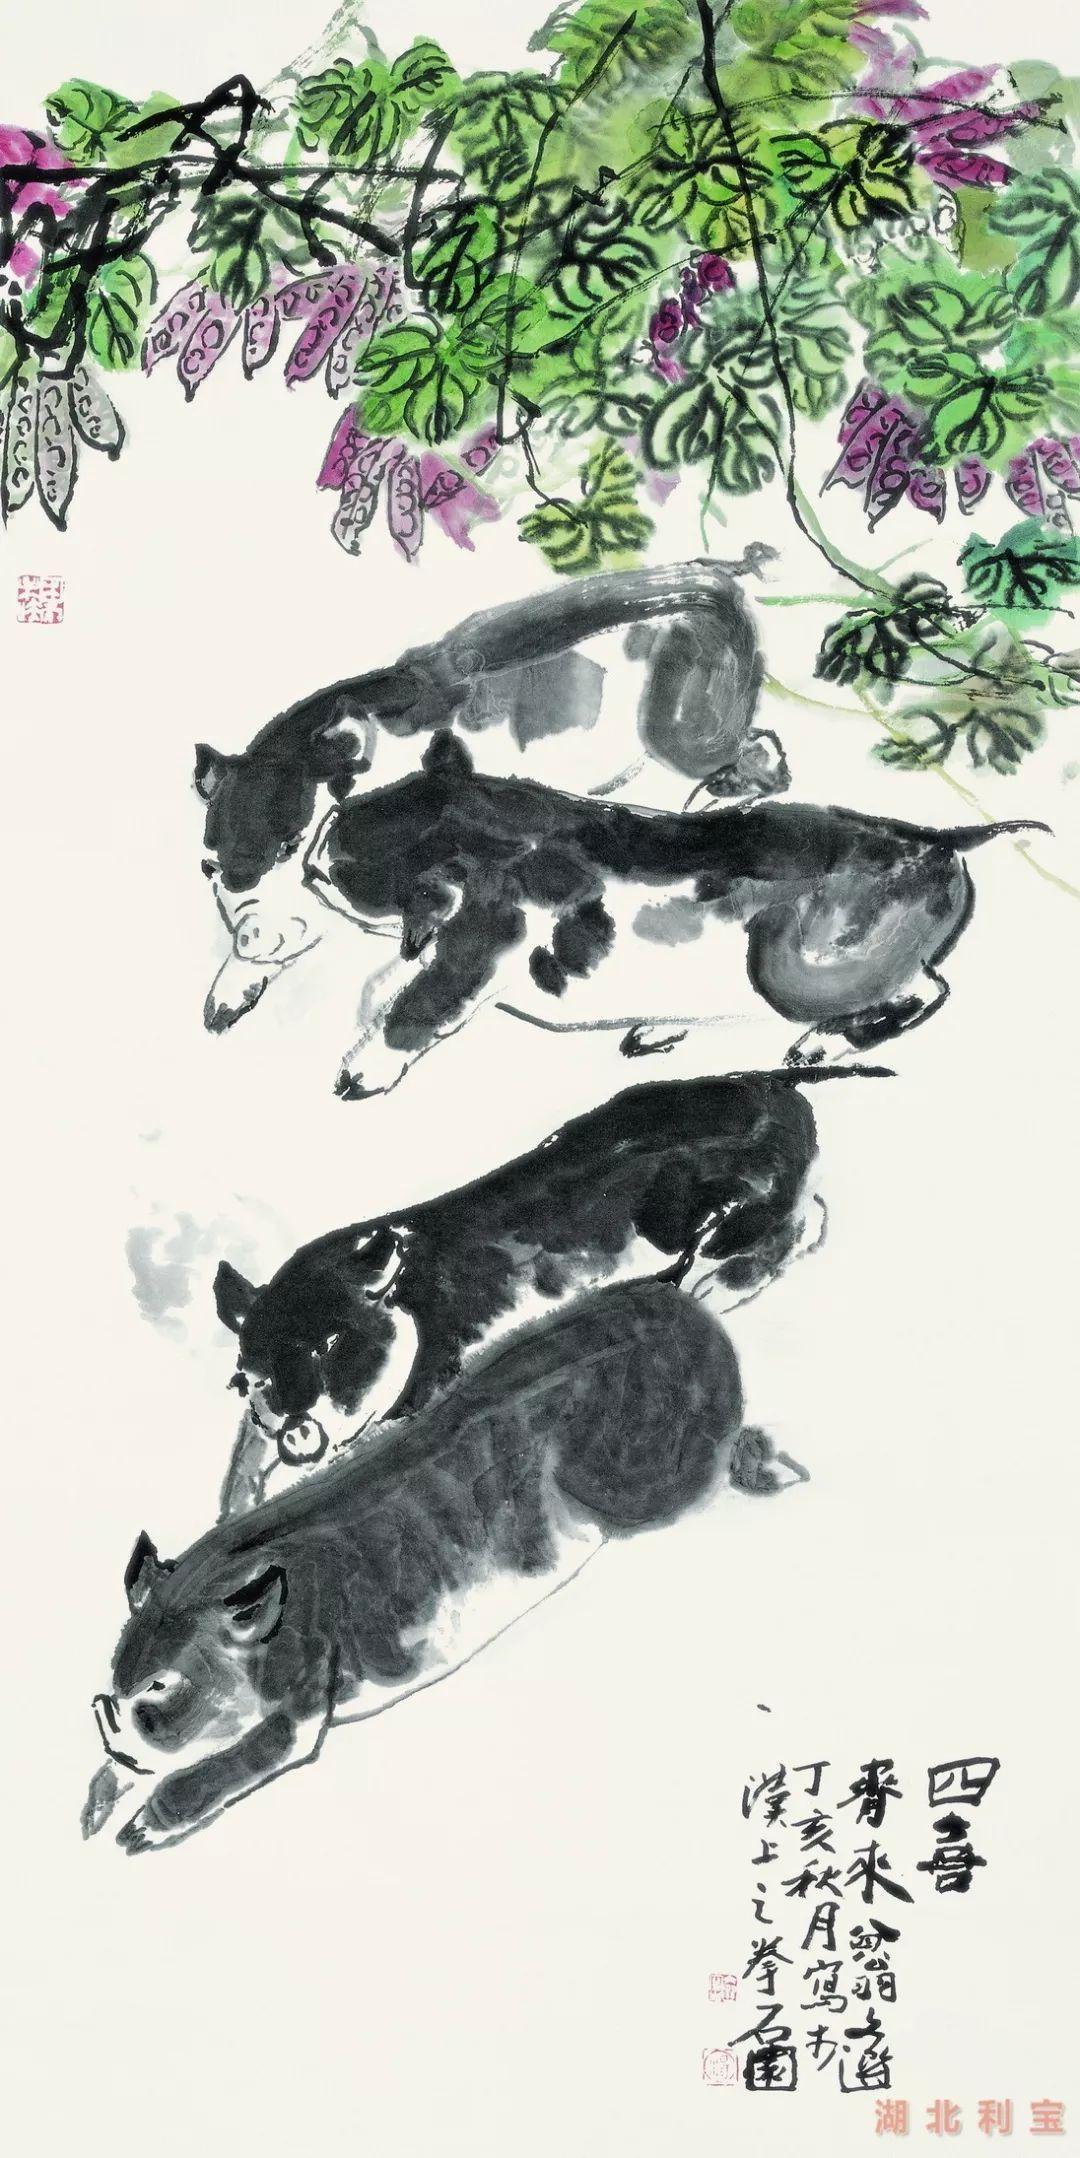 诸事祥和 | 且看中国画四大画家画墨猪图片